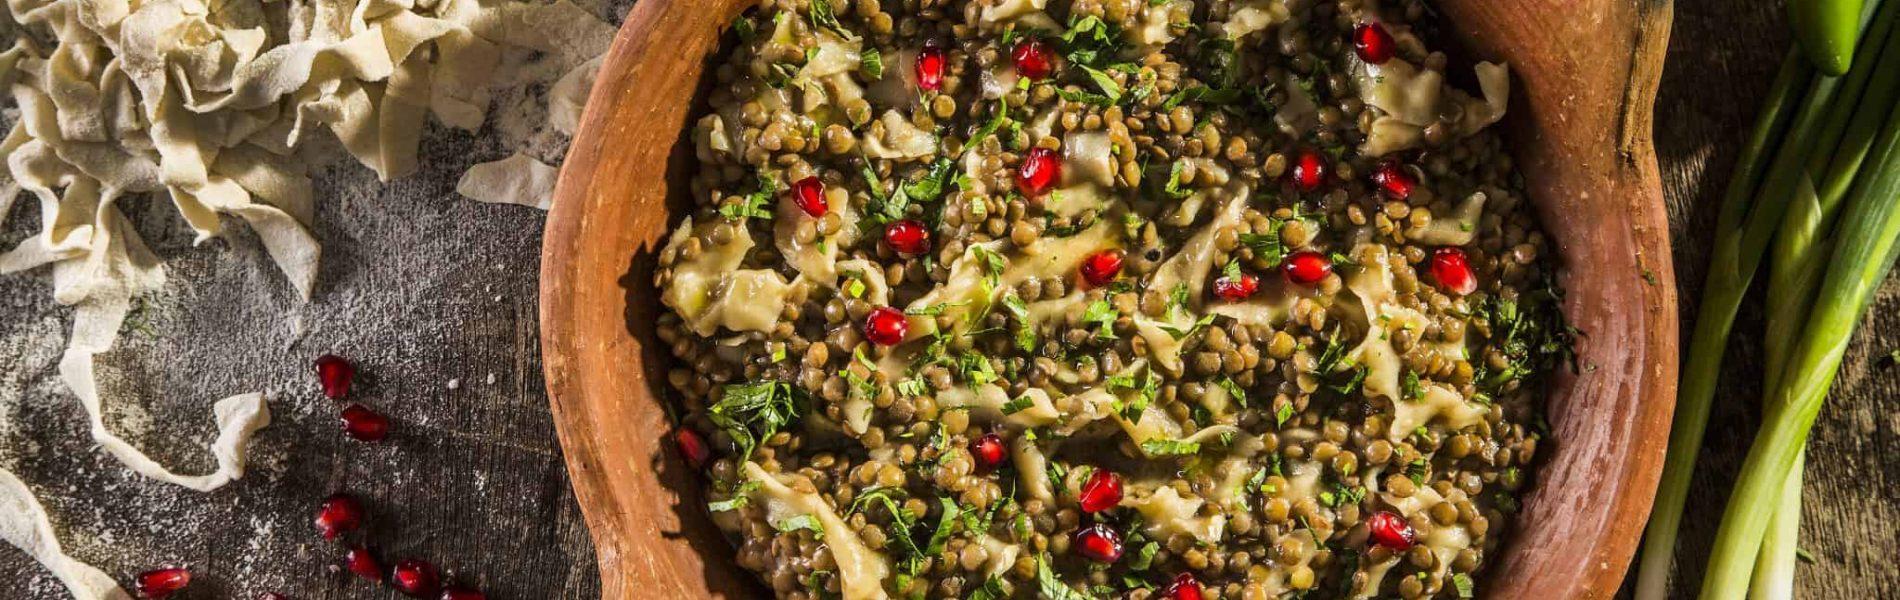 רקאקה ועדס: מתכון מנצח מהמטבח הערבי